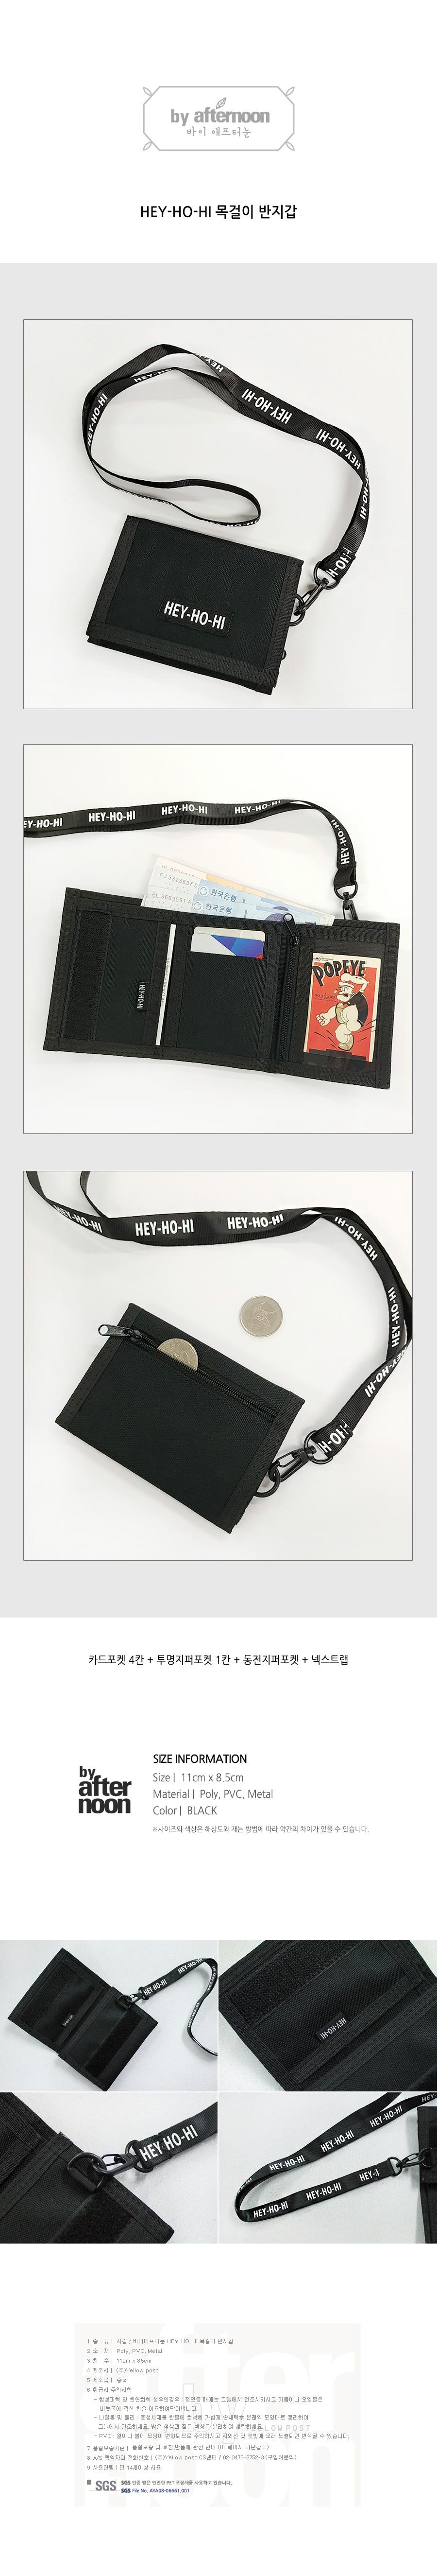 afternoon HEY-HO-HI 목걸이 반지갑 - 디자인원, 9,000원, 여성지갑, 장/중지갑